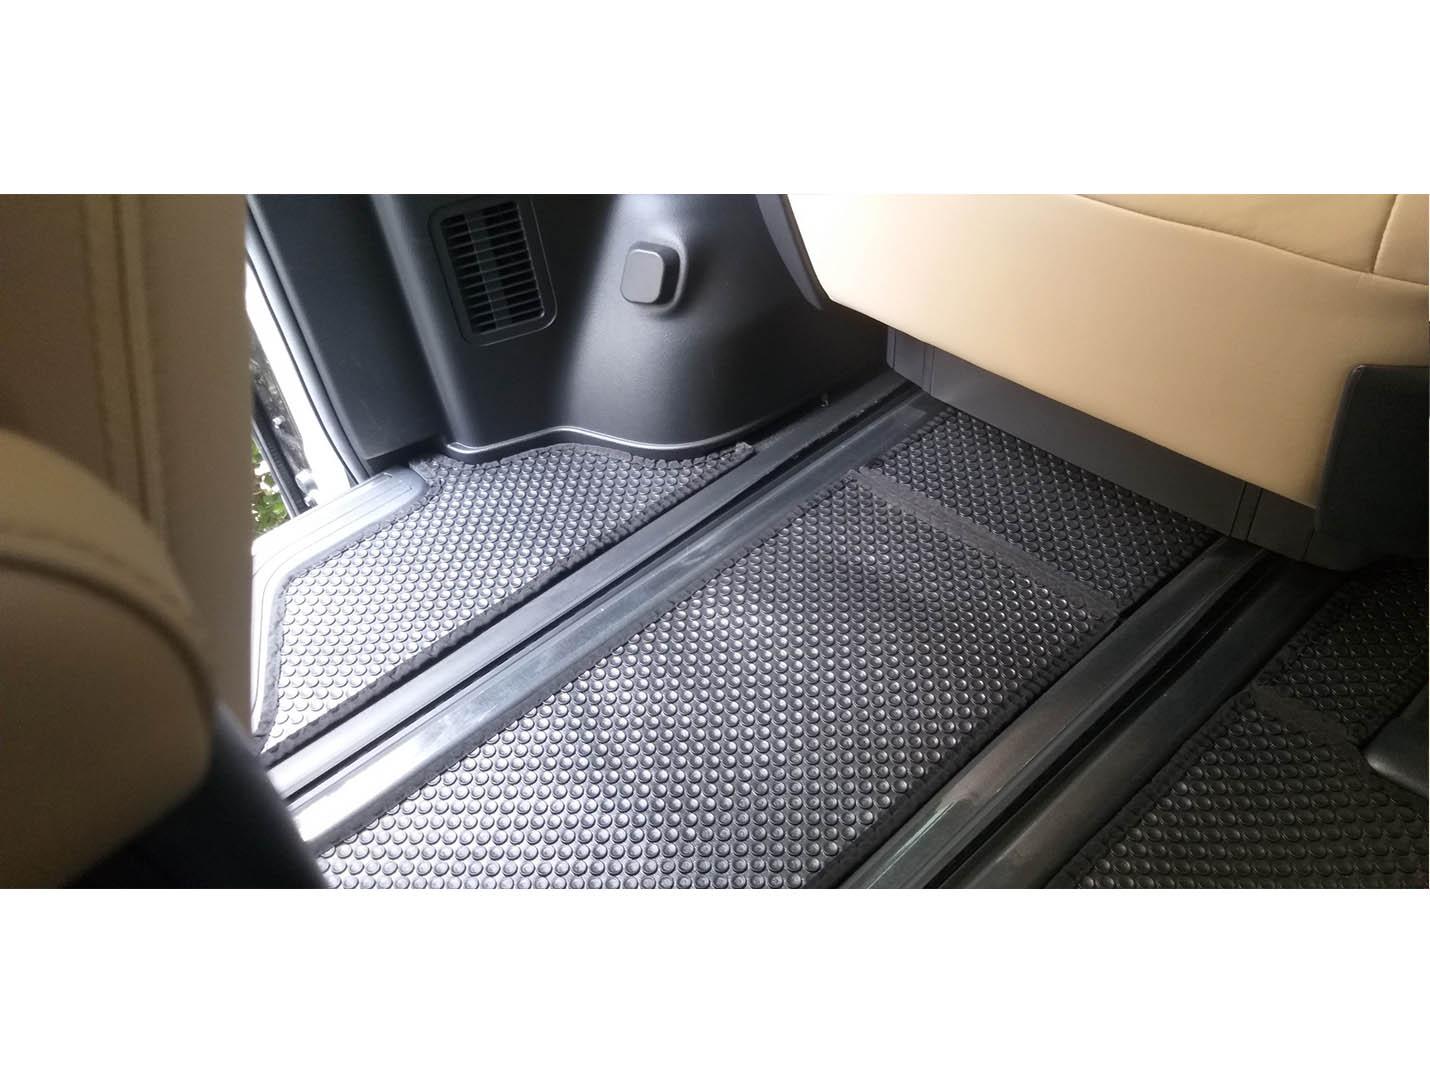 Thảm lót sàn KATA Toyota Granvia 2020